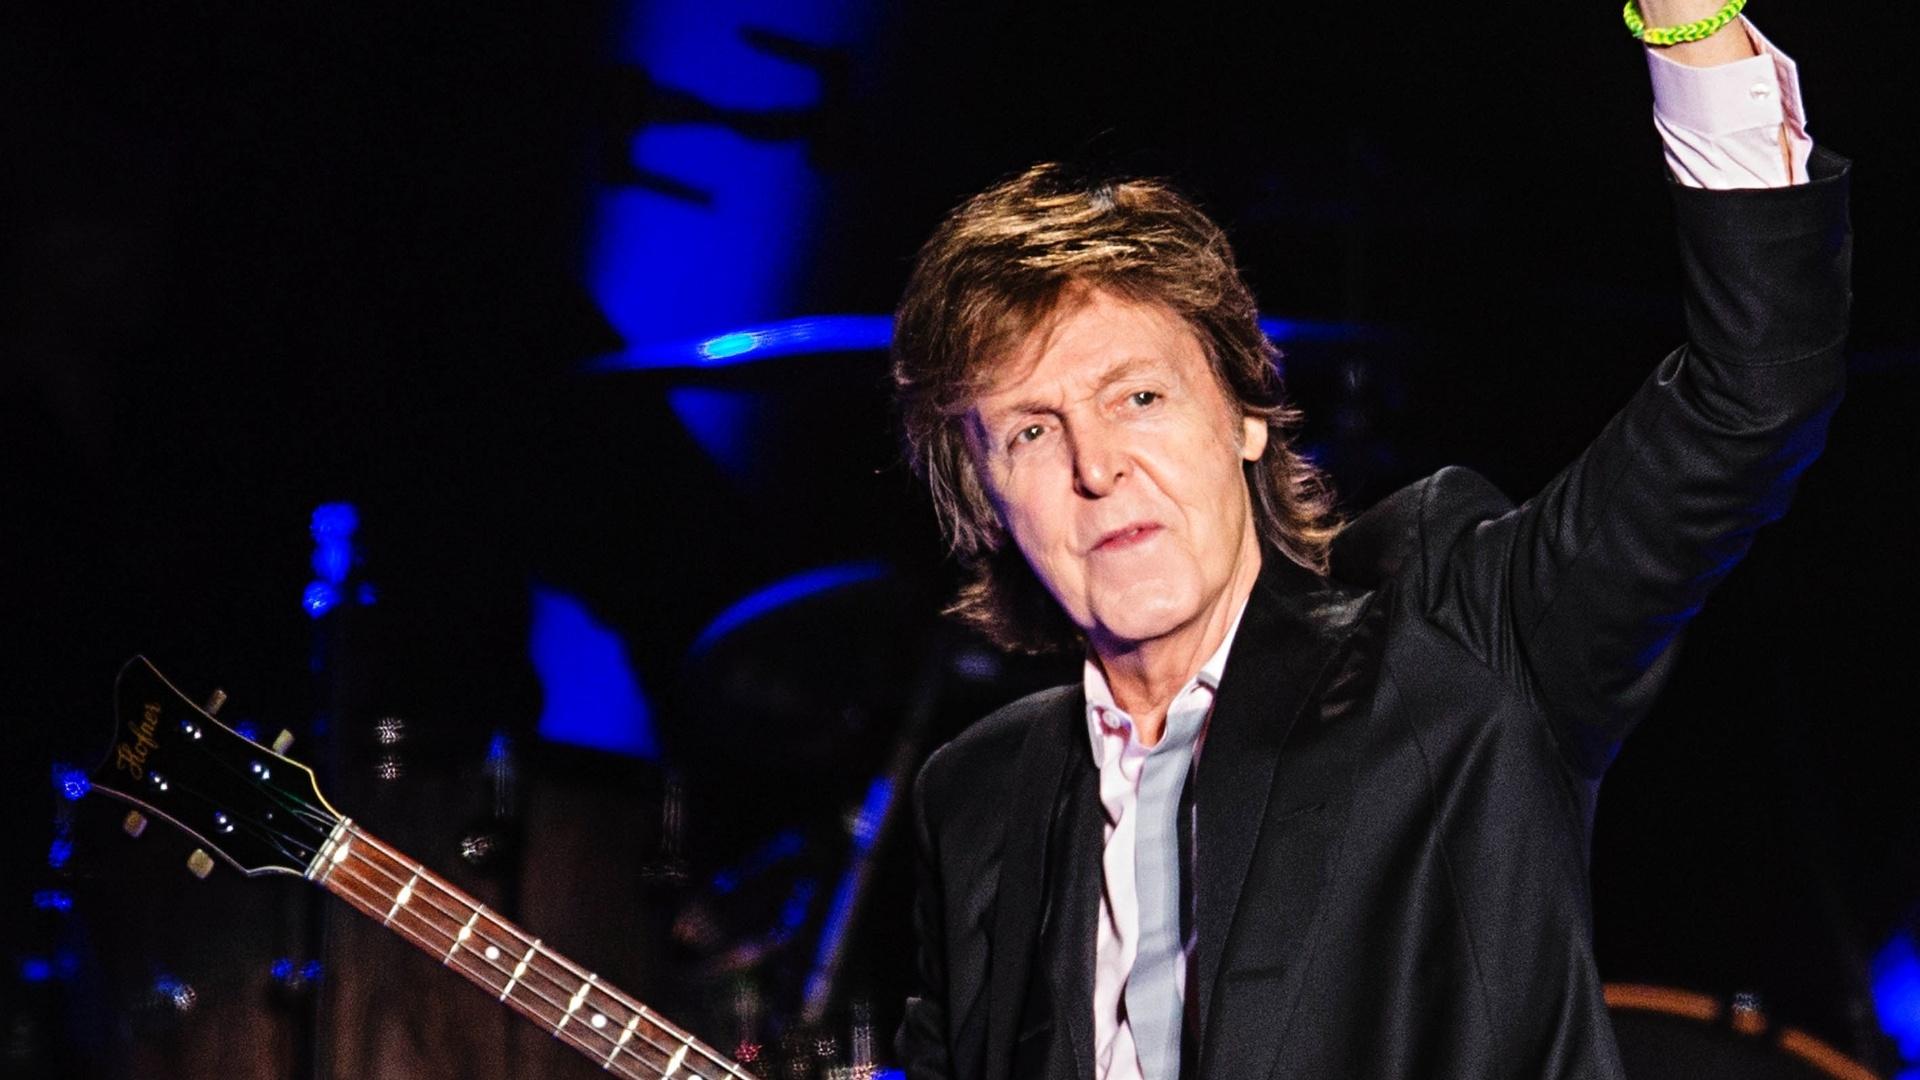 26.nov.2014 - Durante seu segundo show em São Paulo, Paul McCartney usou o tempo todo uma pulseira de plástico verde-limão, presente do garoto Matheus Bustamante Battiato, que vendeu pulseirinhas para comprar ingressos